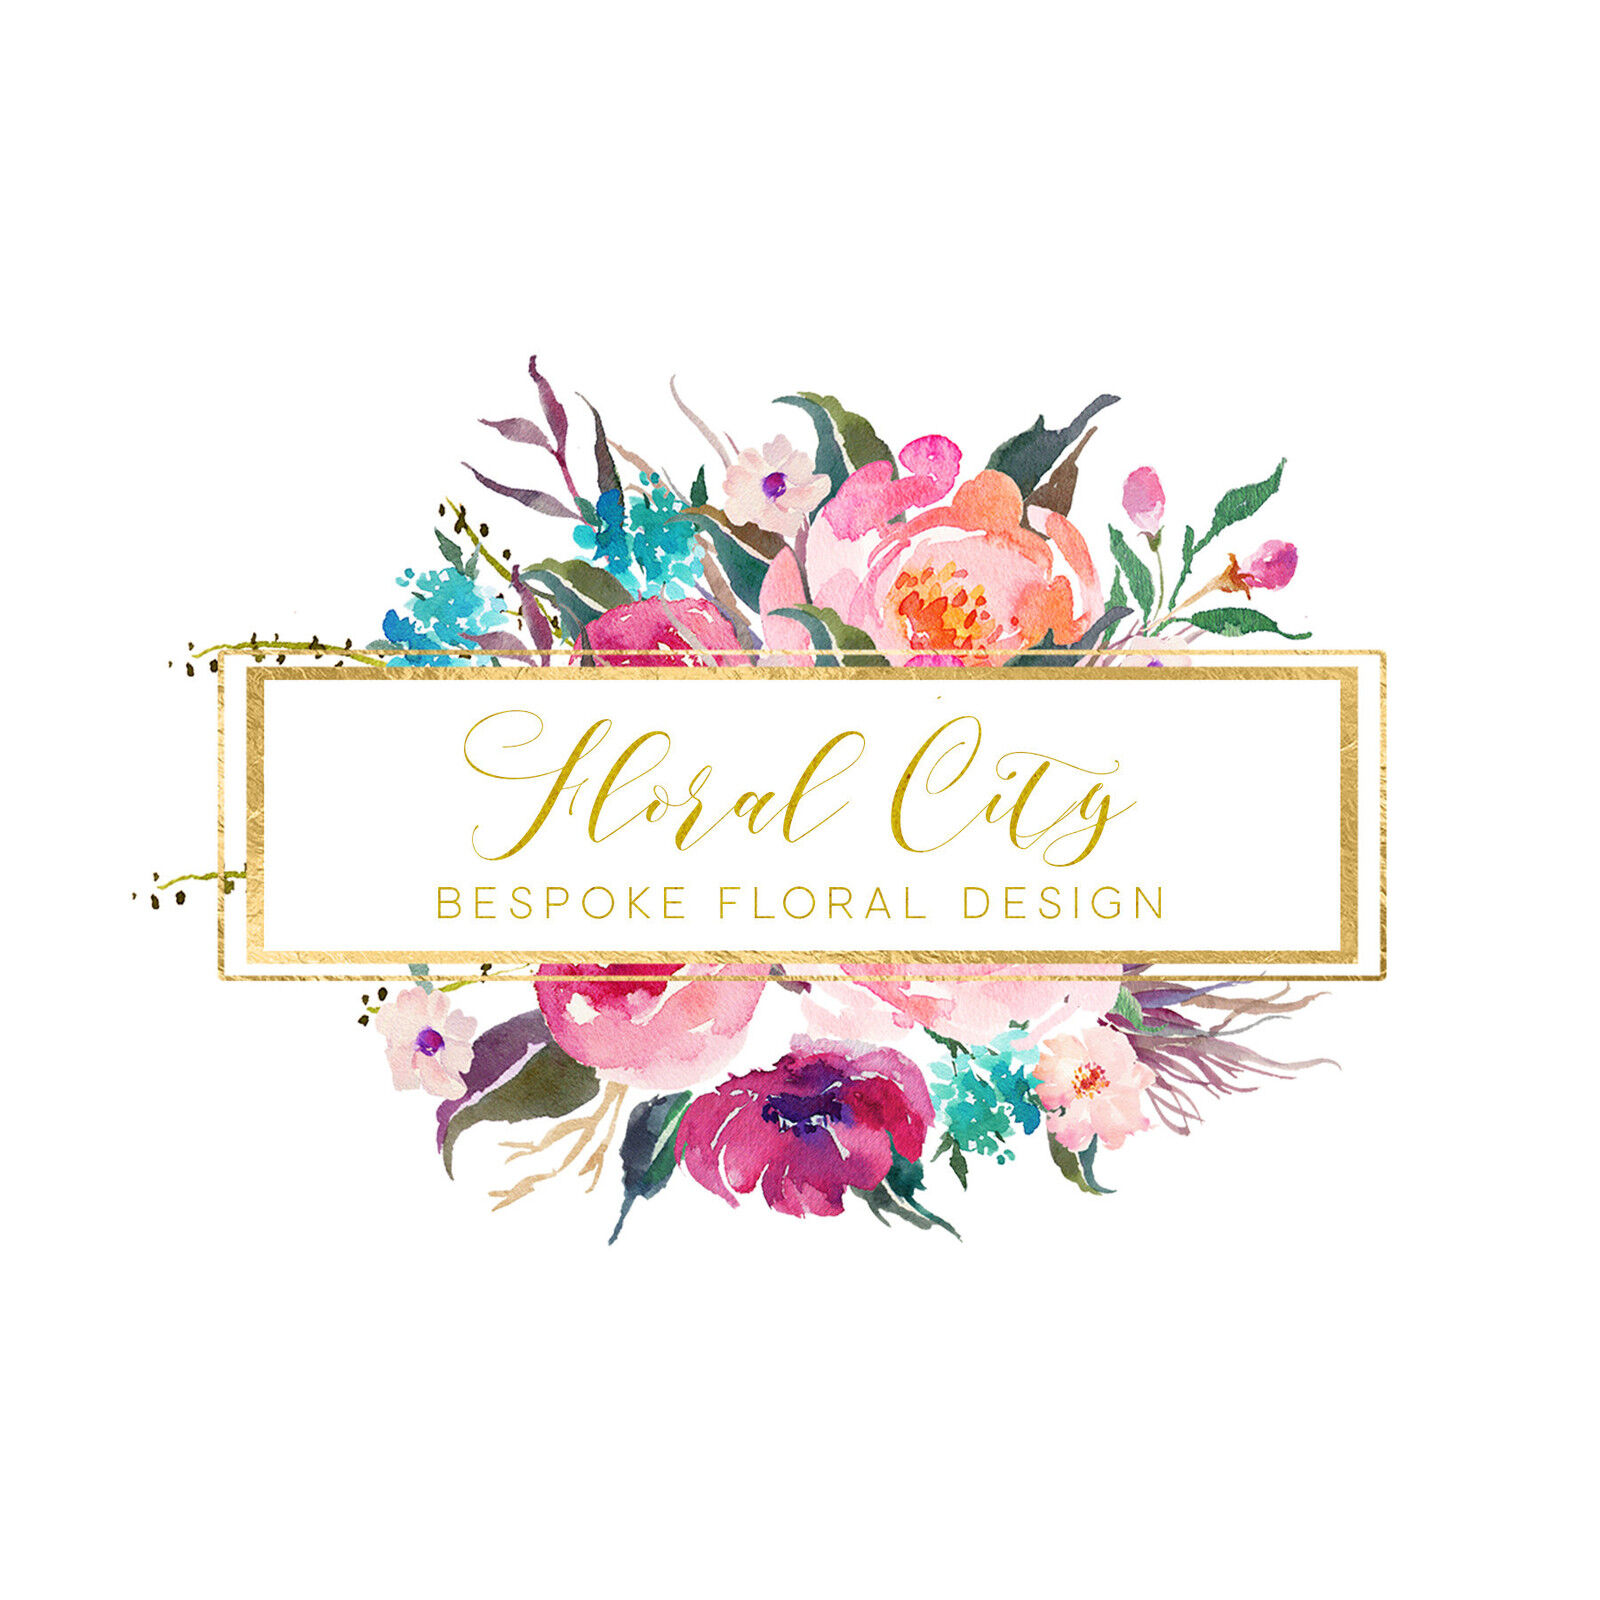 Floral City Florist